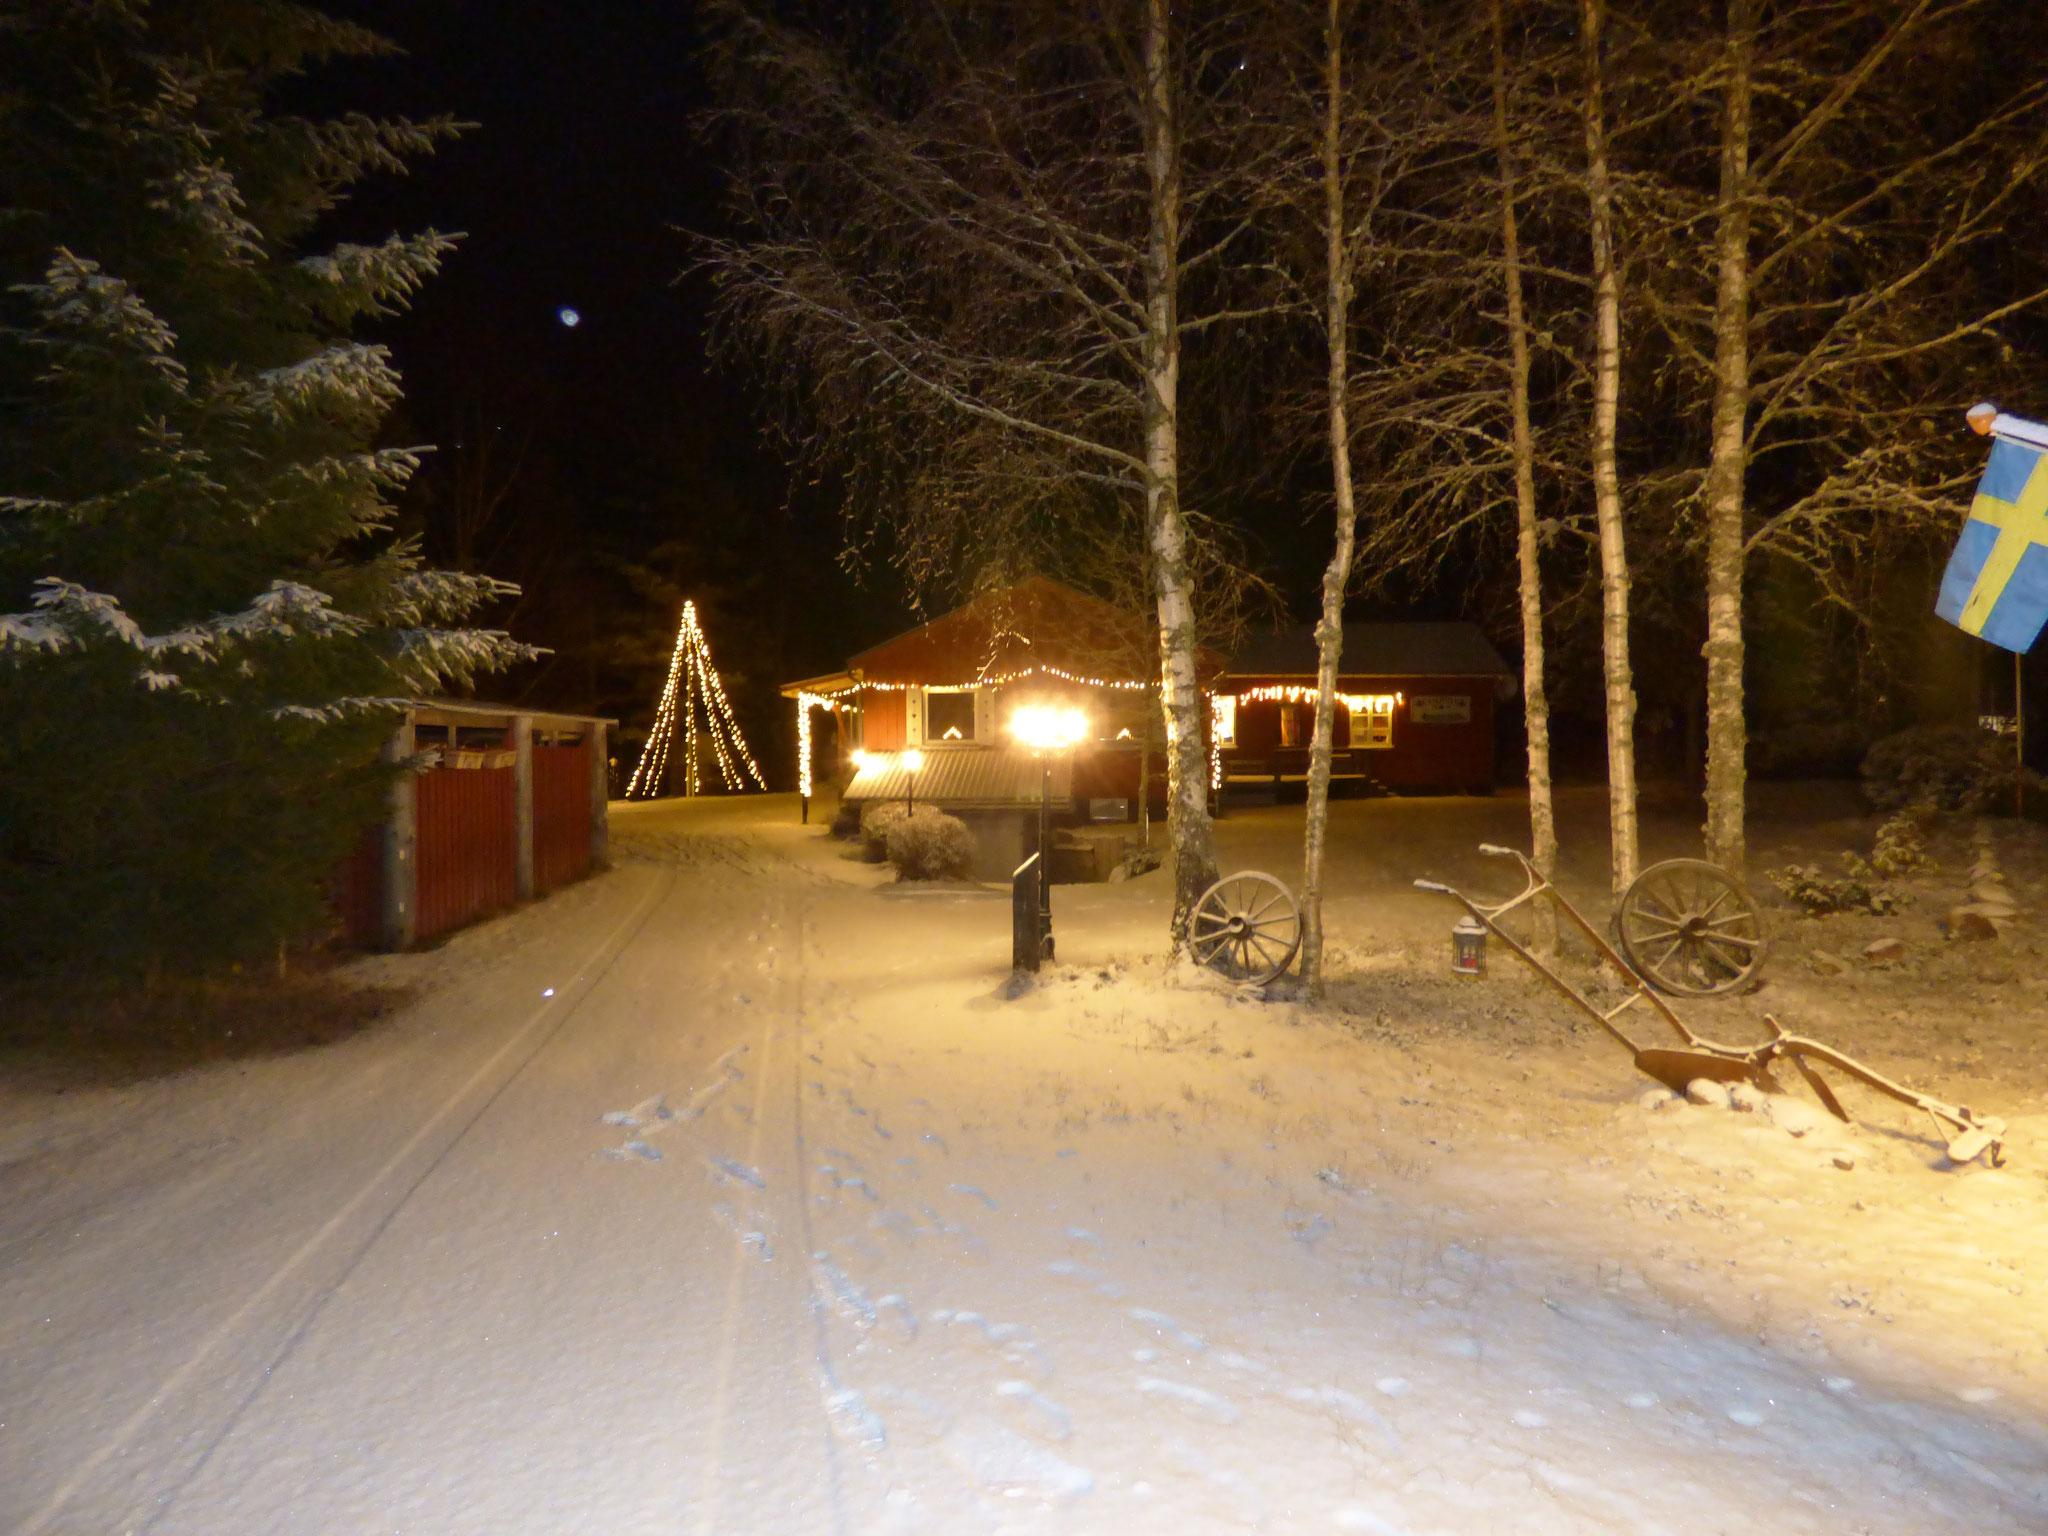 Nya Skogsgården - Herzlich willkommen auch zu Weihnachten